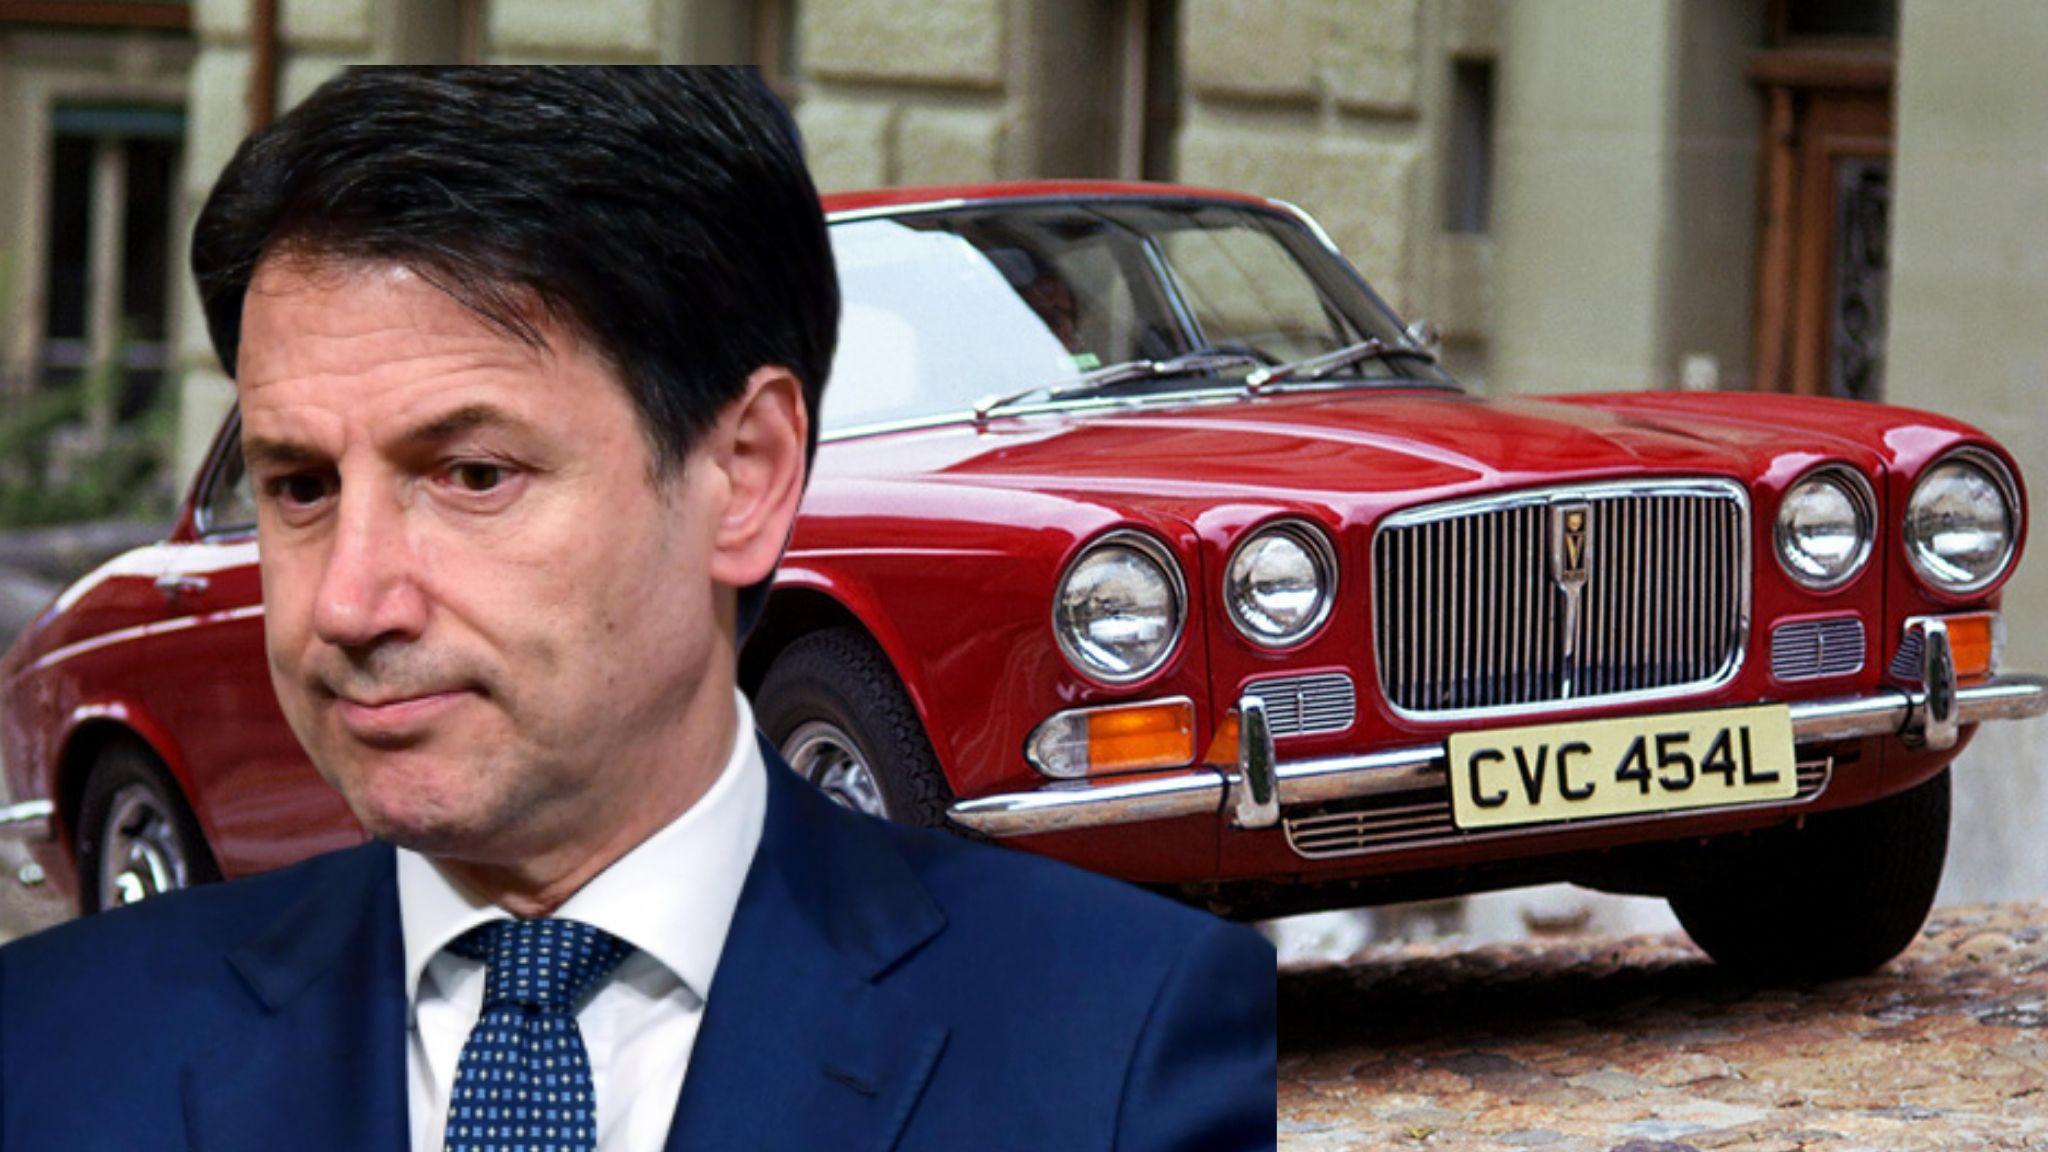 Le auto di Giuseppe Conte: la Jaguar segreta| Motori Magazine